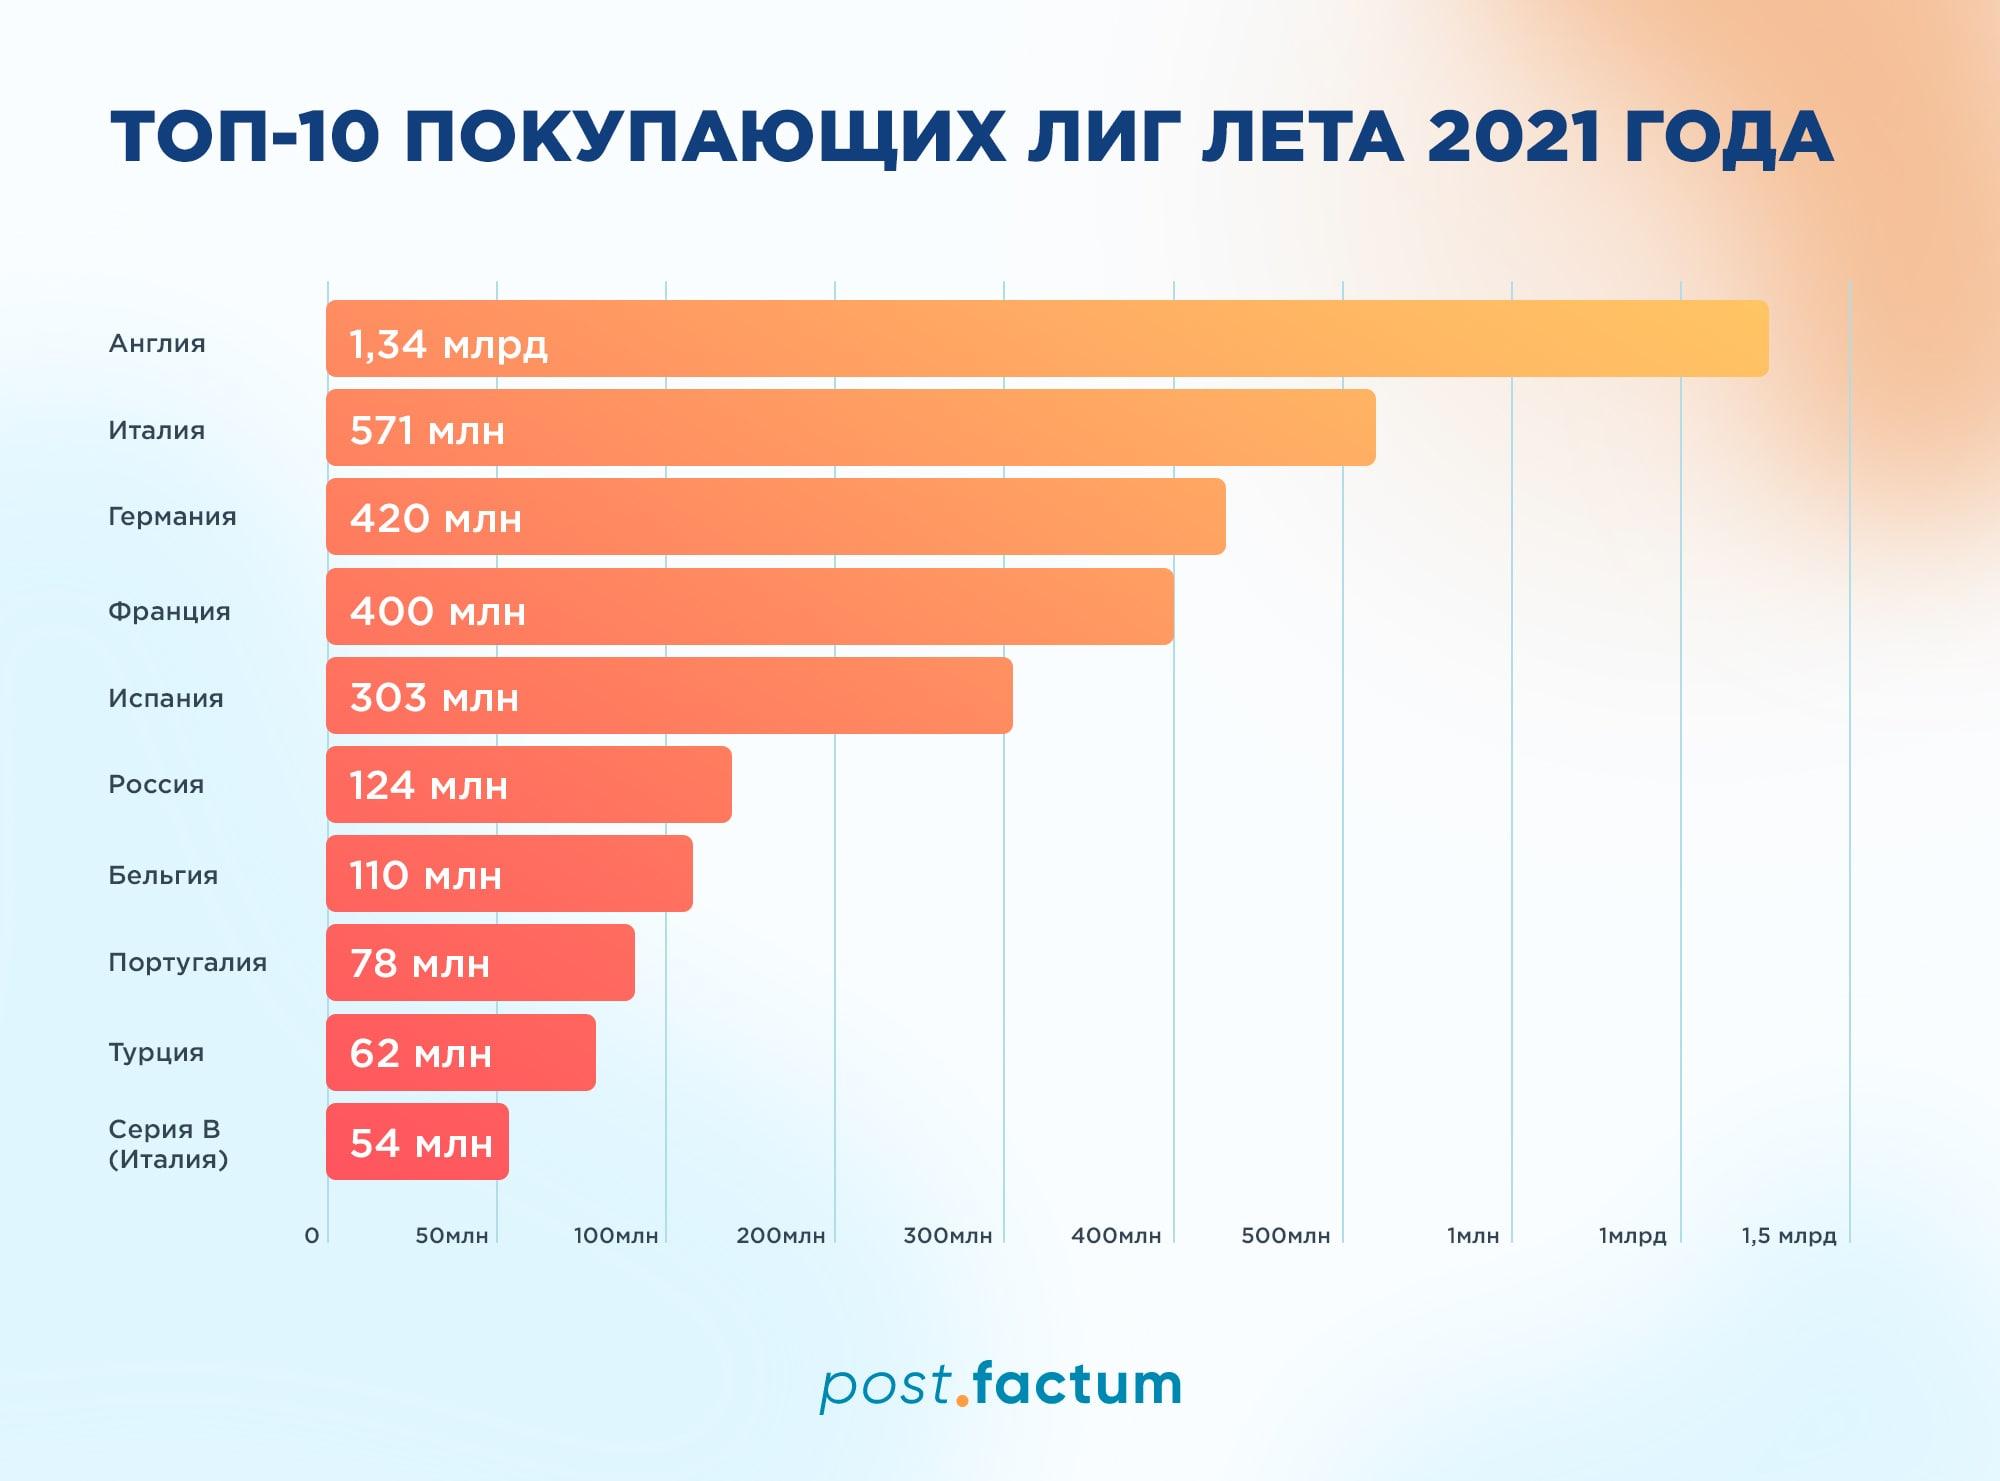 Инфографика: самые покупающие лиги лета 2021 года — фото 1